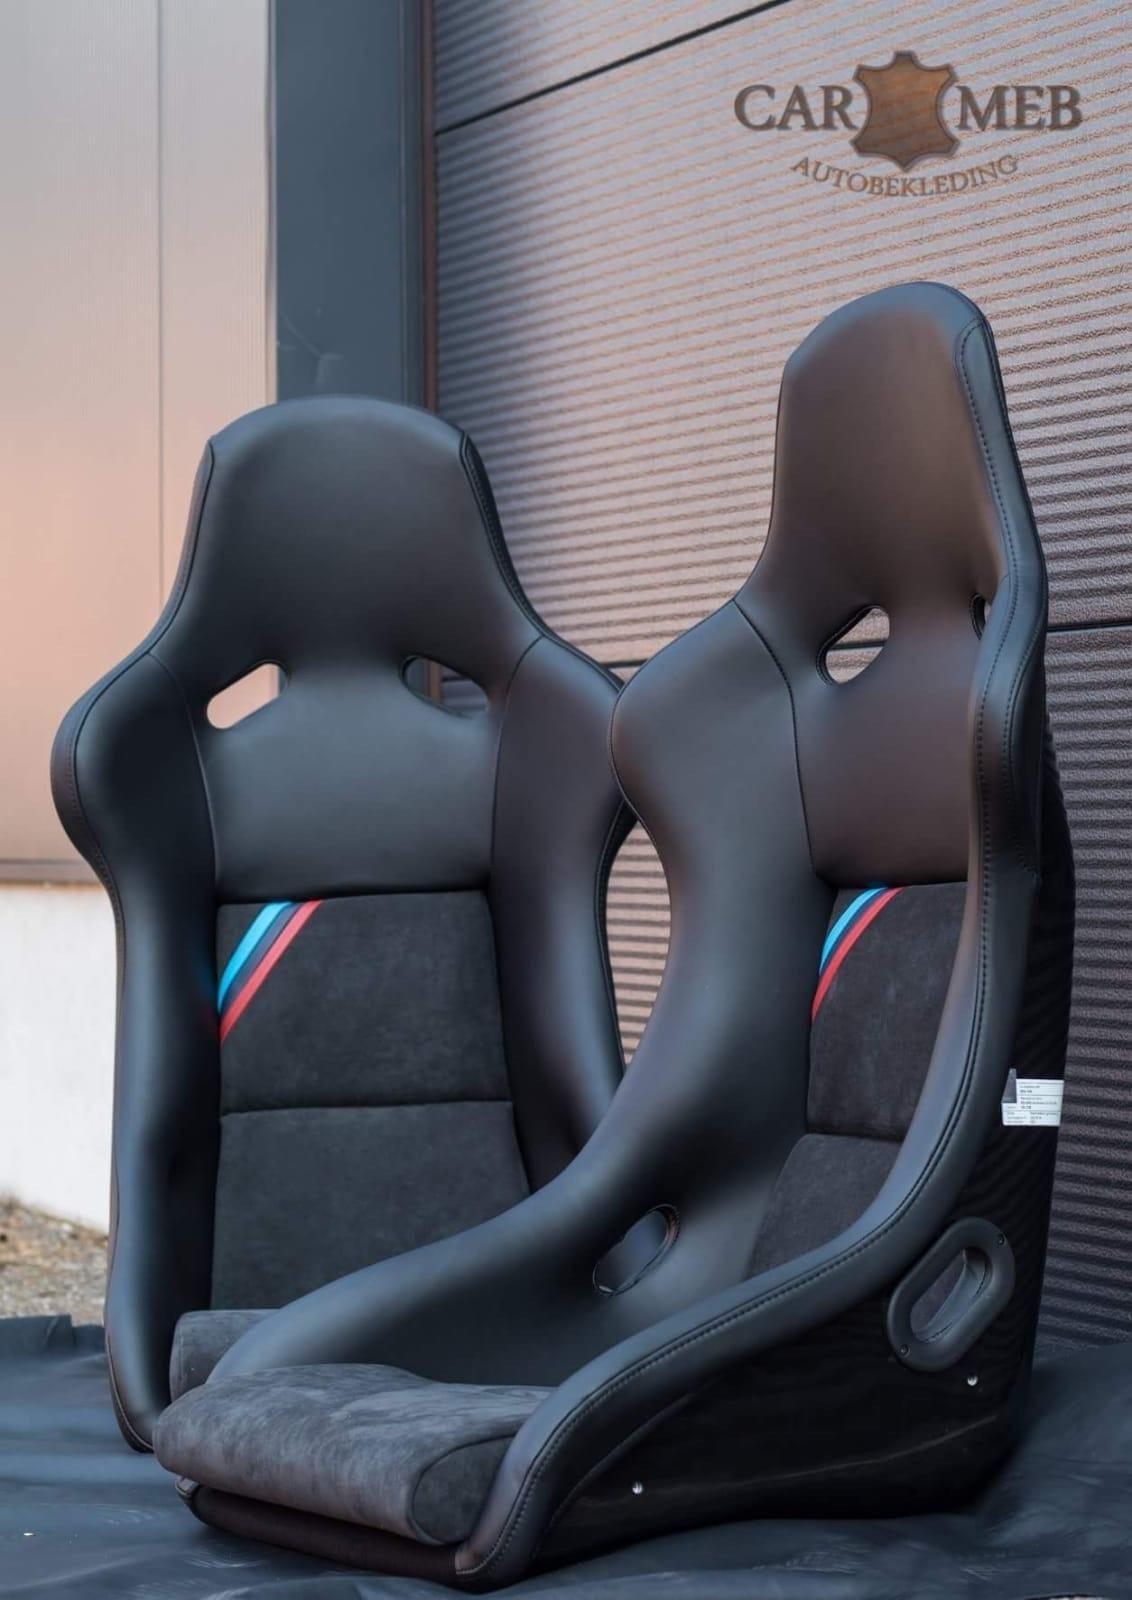 Recaro Seats E36 Google Search Recaro Seating Home Decor